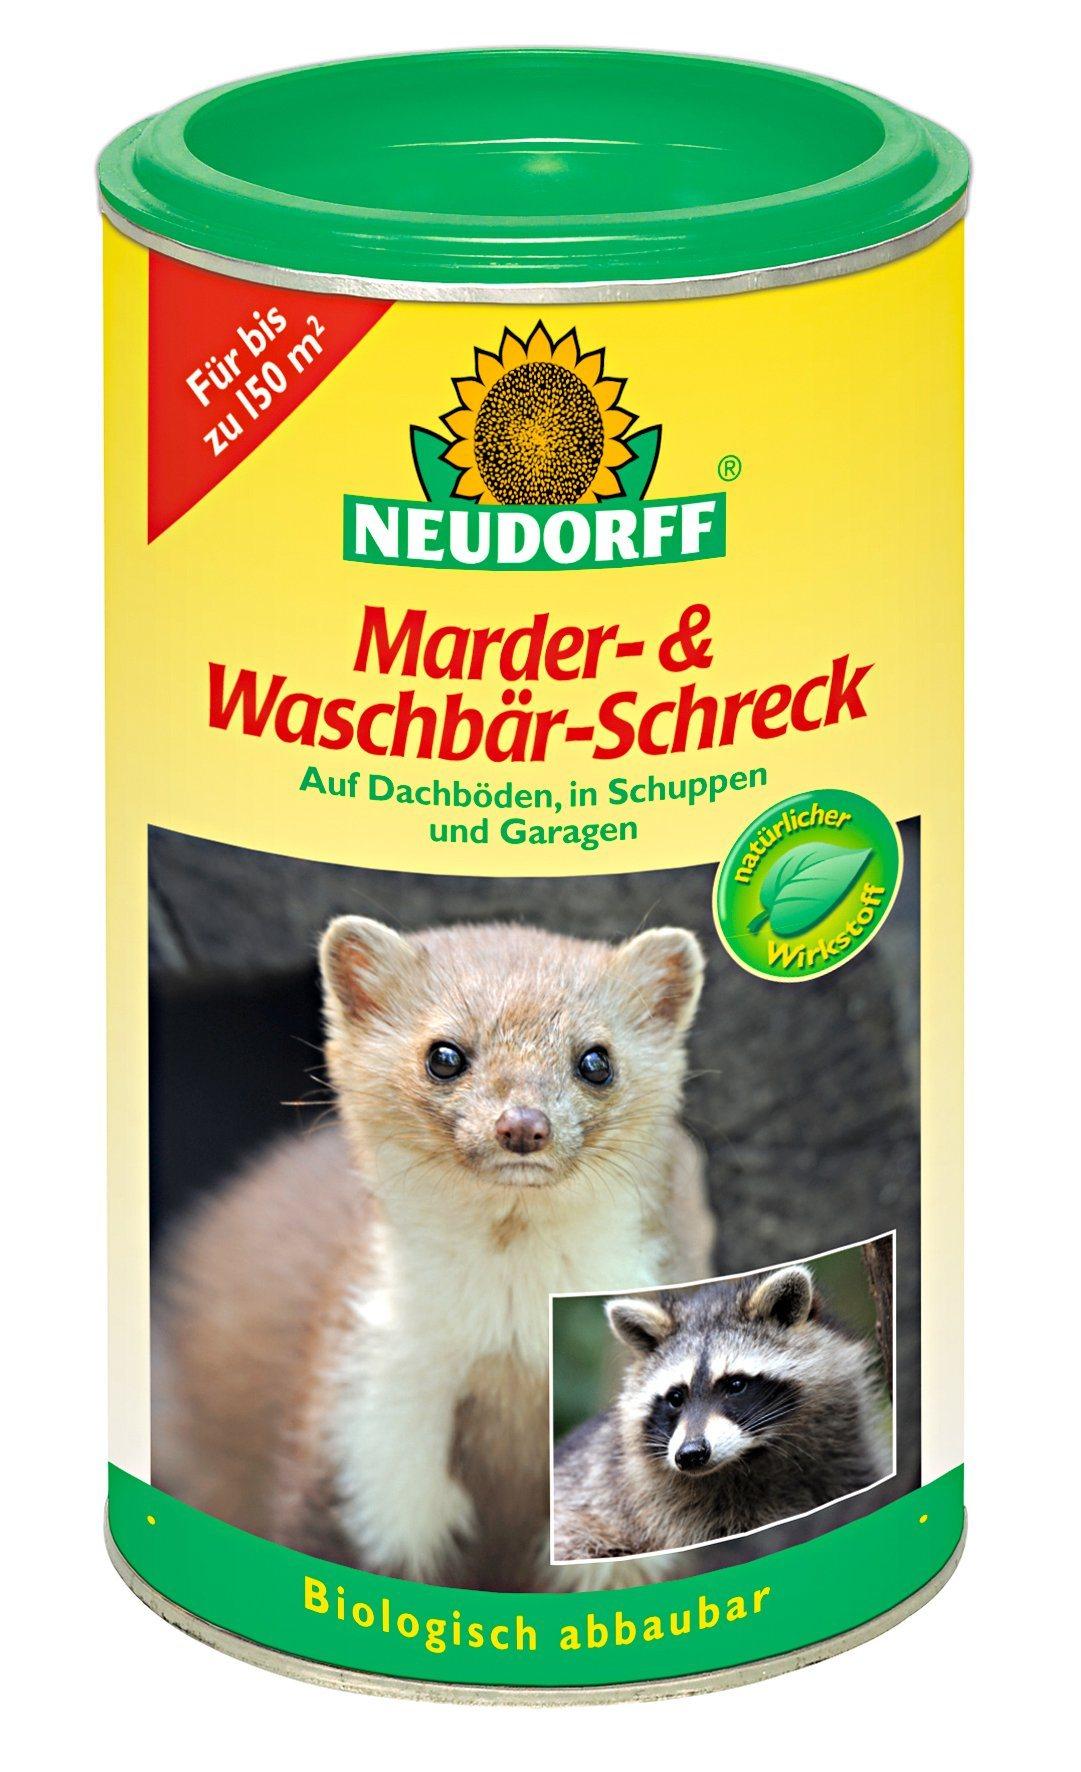 NEUDORFF Pflanzenschutz »Marder- & Waschbär-Schreck«, 300 g | Garten > Pflanzen > Pflanzkästen | Neudorff